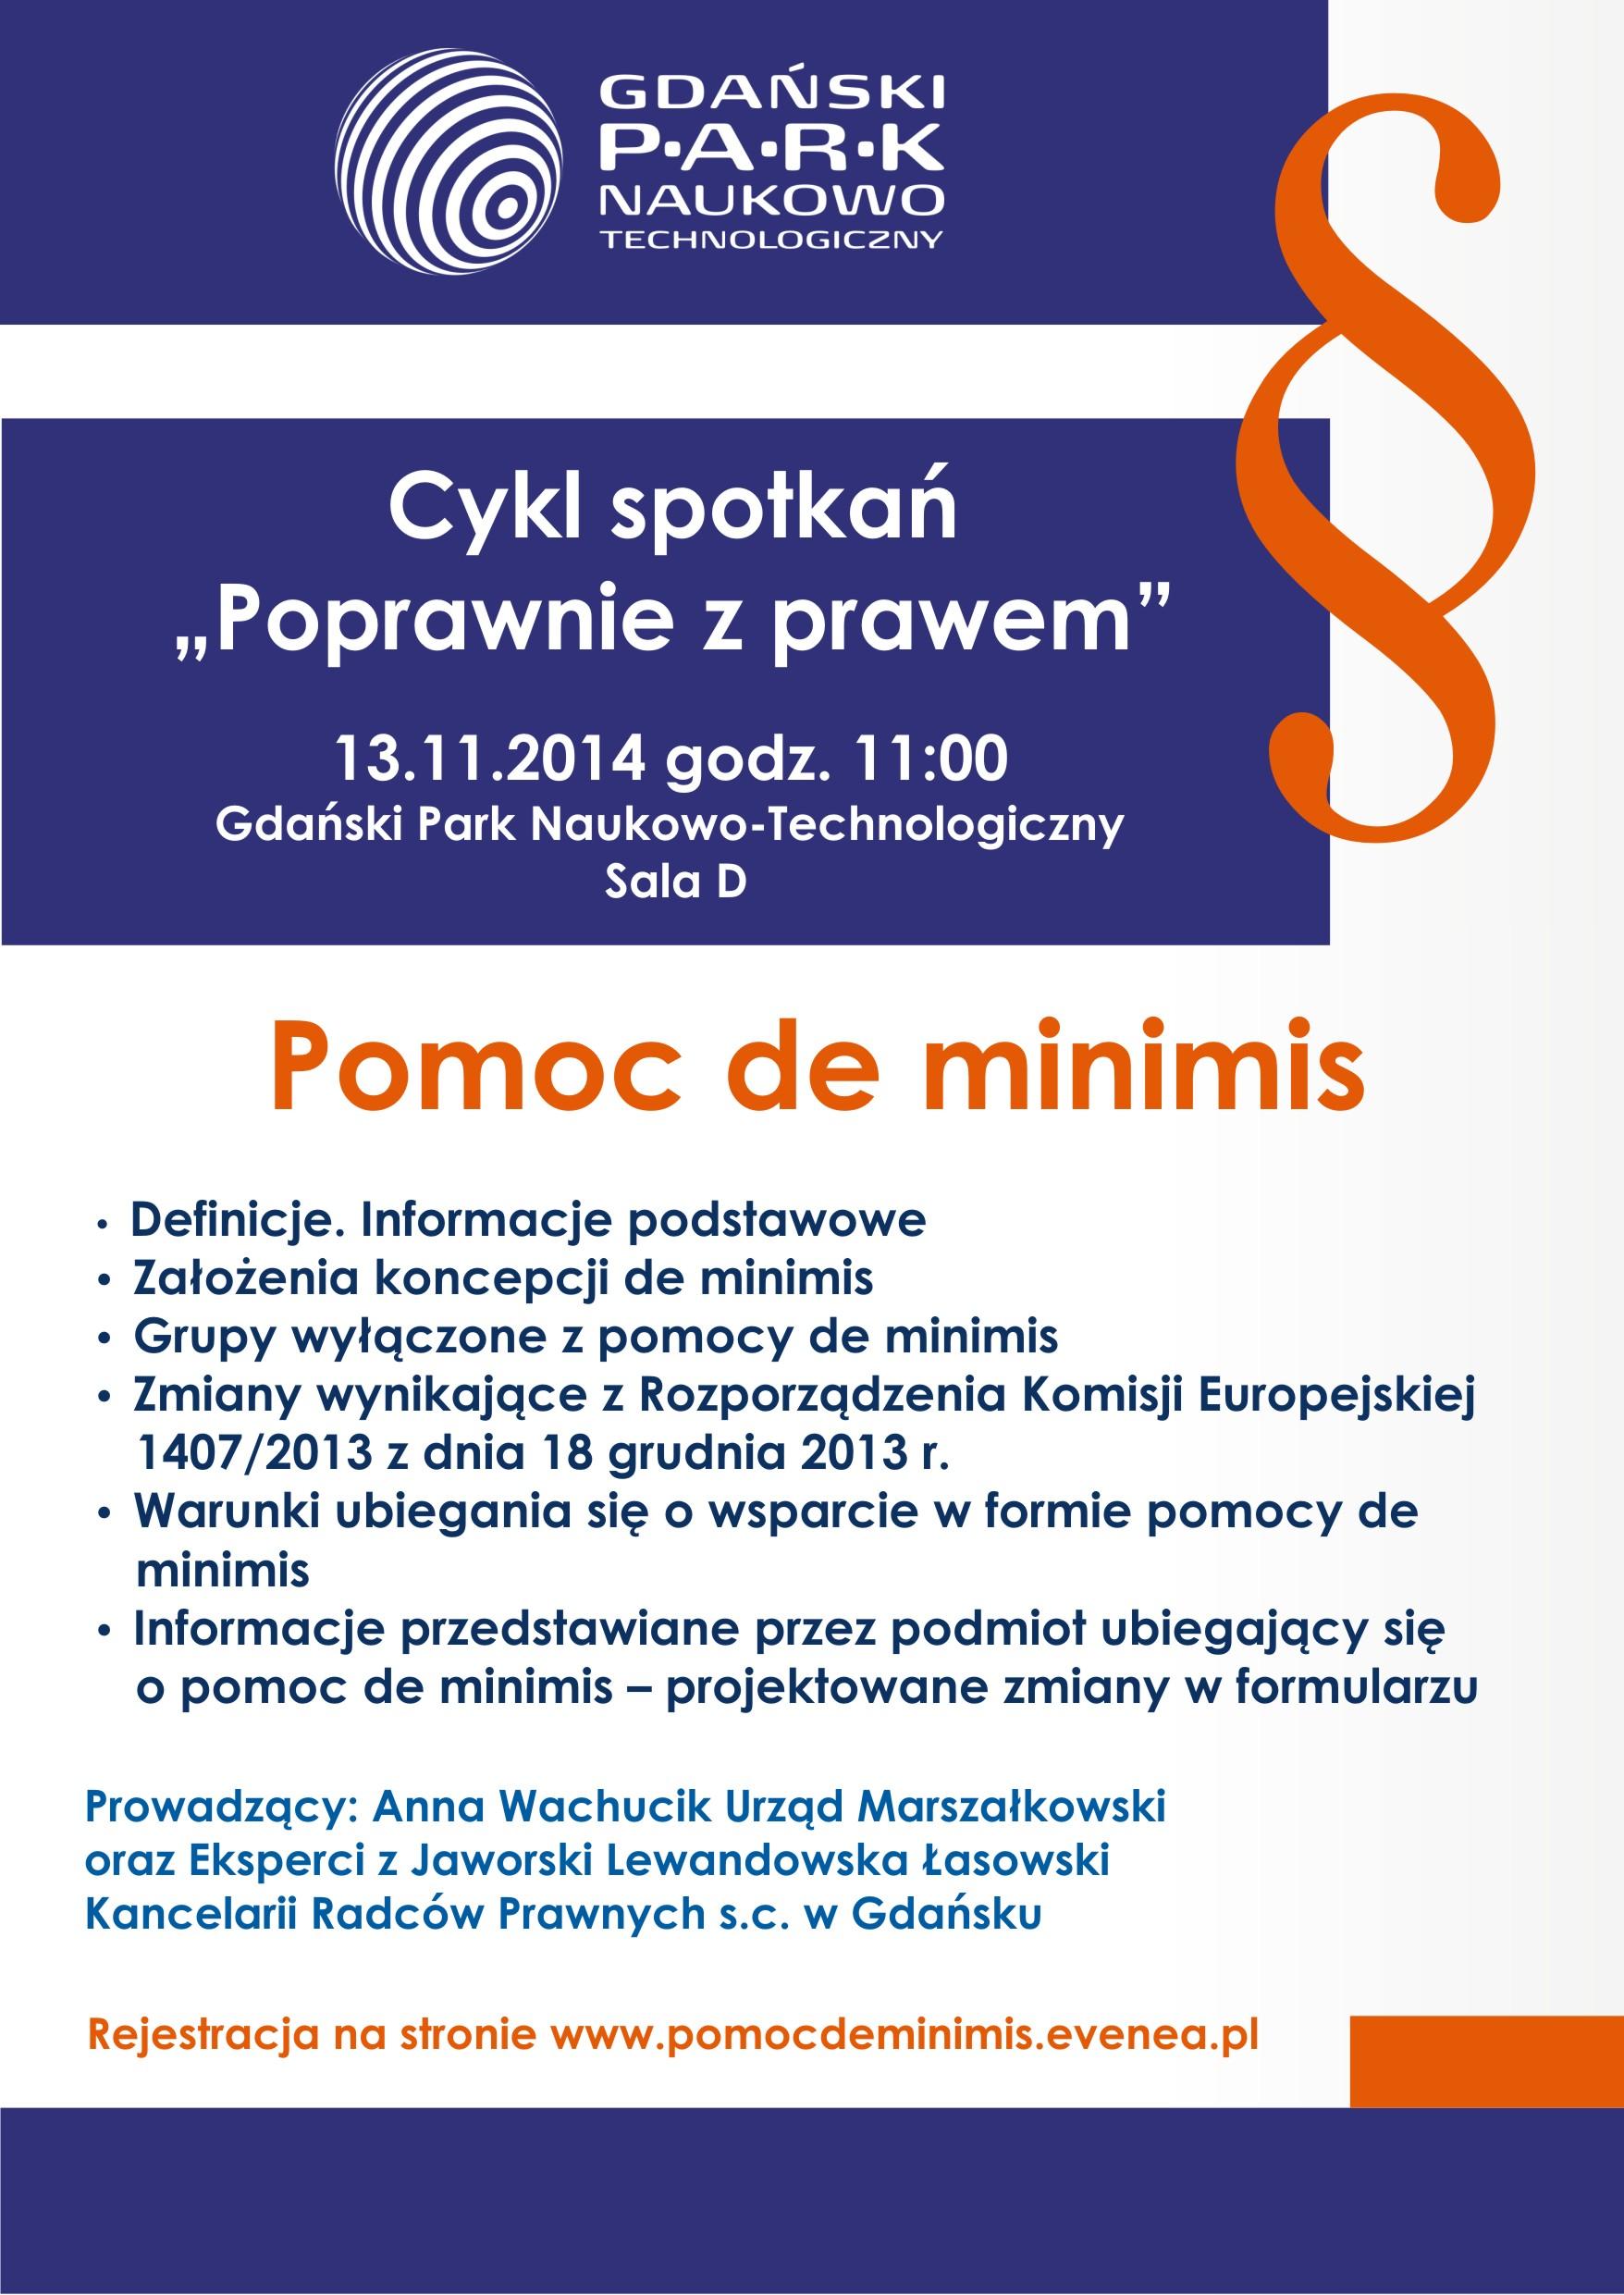 GPNT_spotkanie_Pomoc_de_minimis.jpg